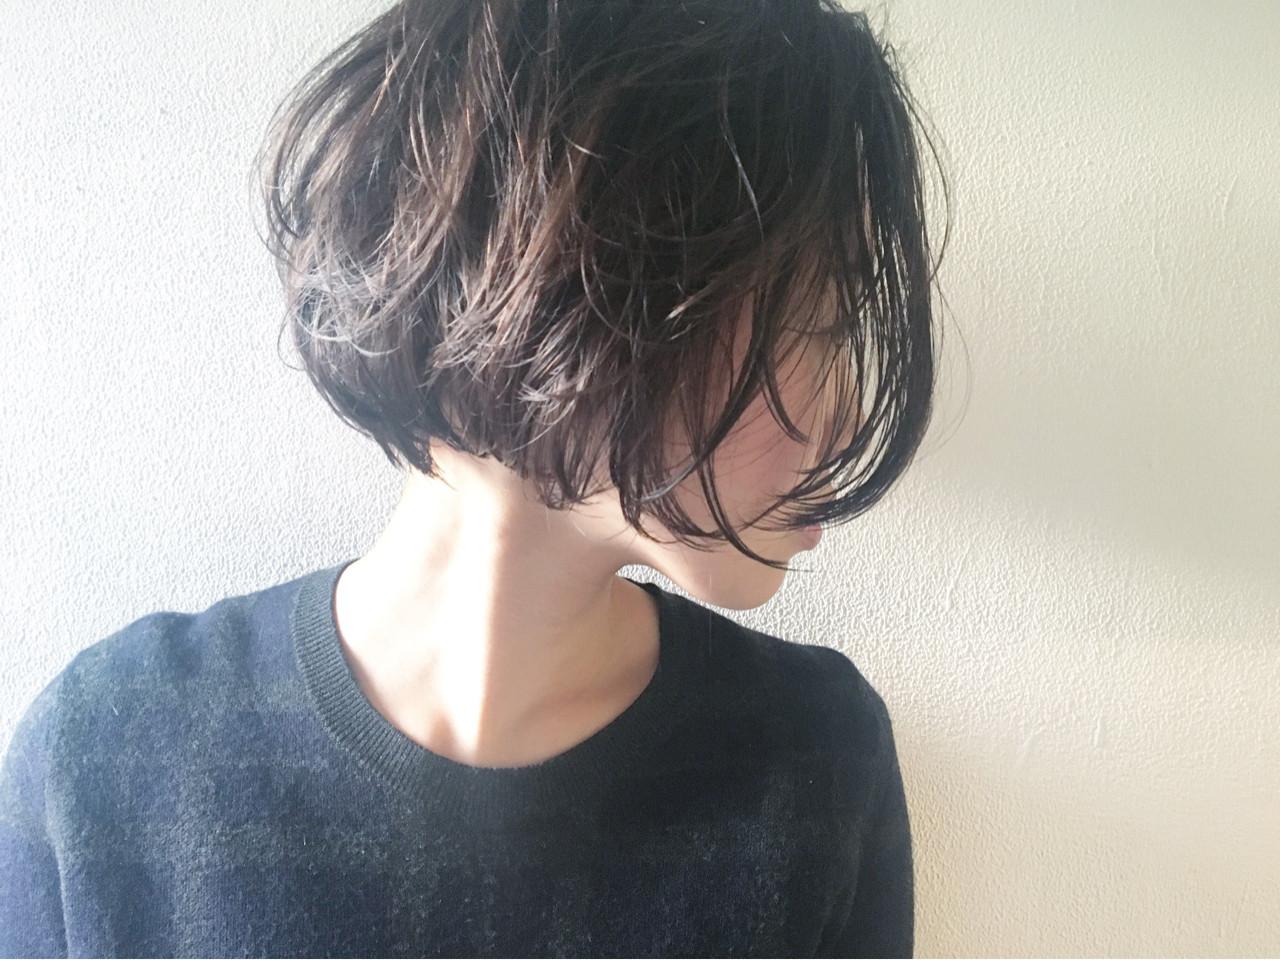 ナチュラル ボブ 切りっぱなし ショート ヘアスタイルや髪型の写真・画像 | 長 賢太郎 / ky-go